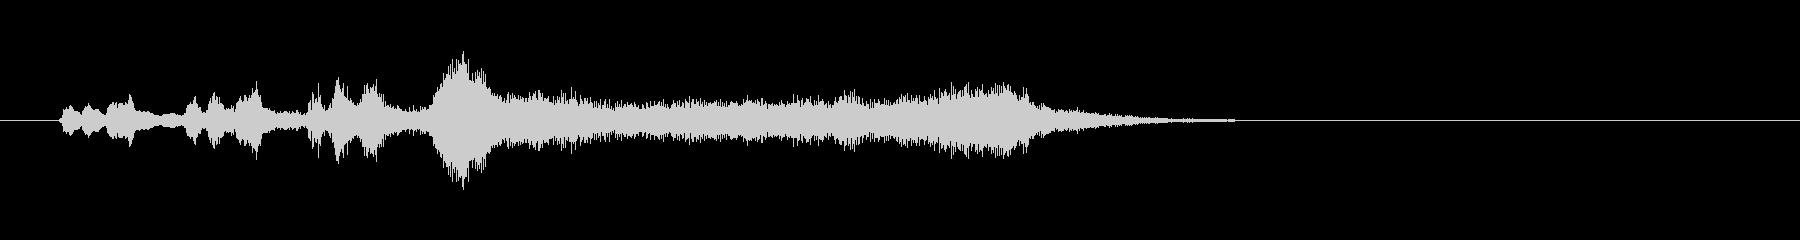 トランペット パンパカパーンの未再生の波形